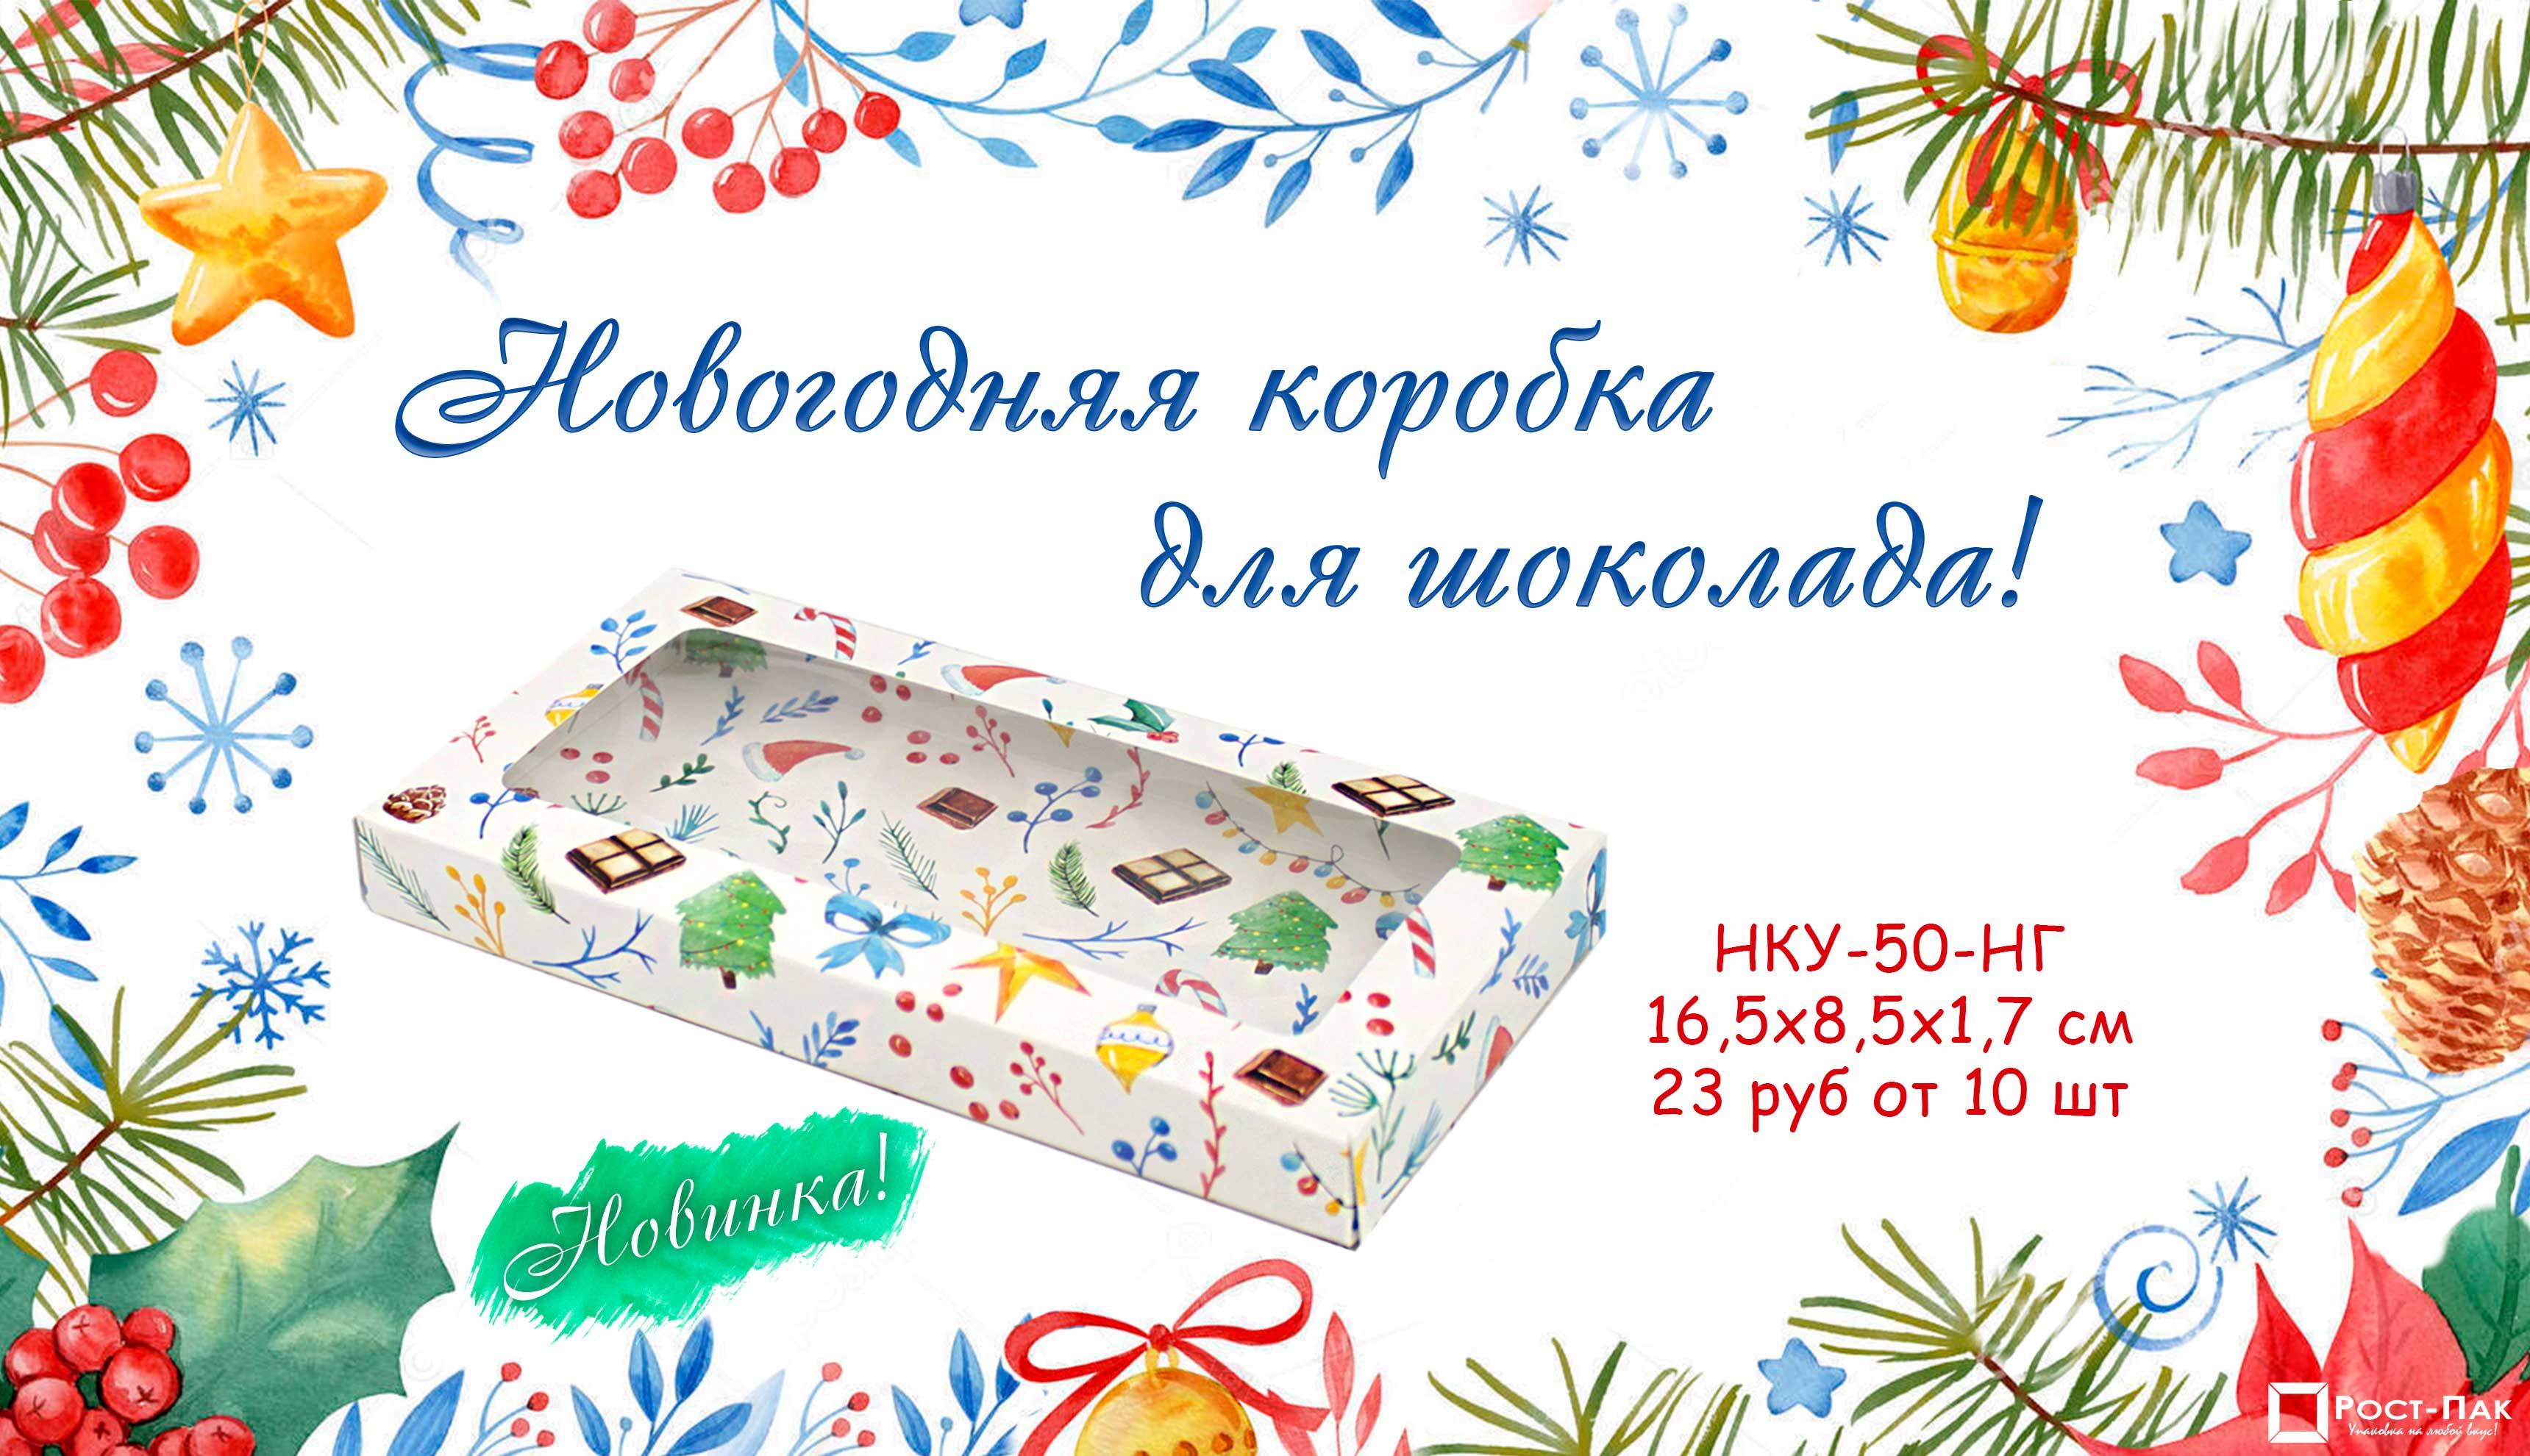 НКУ-50-НГ